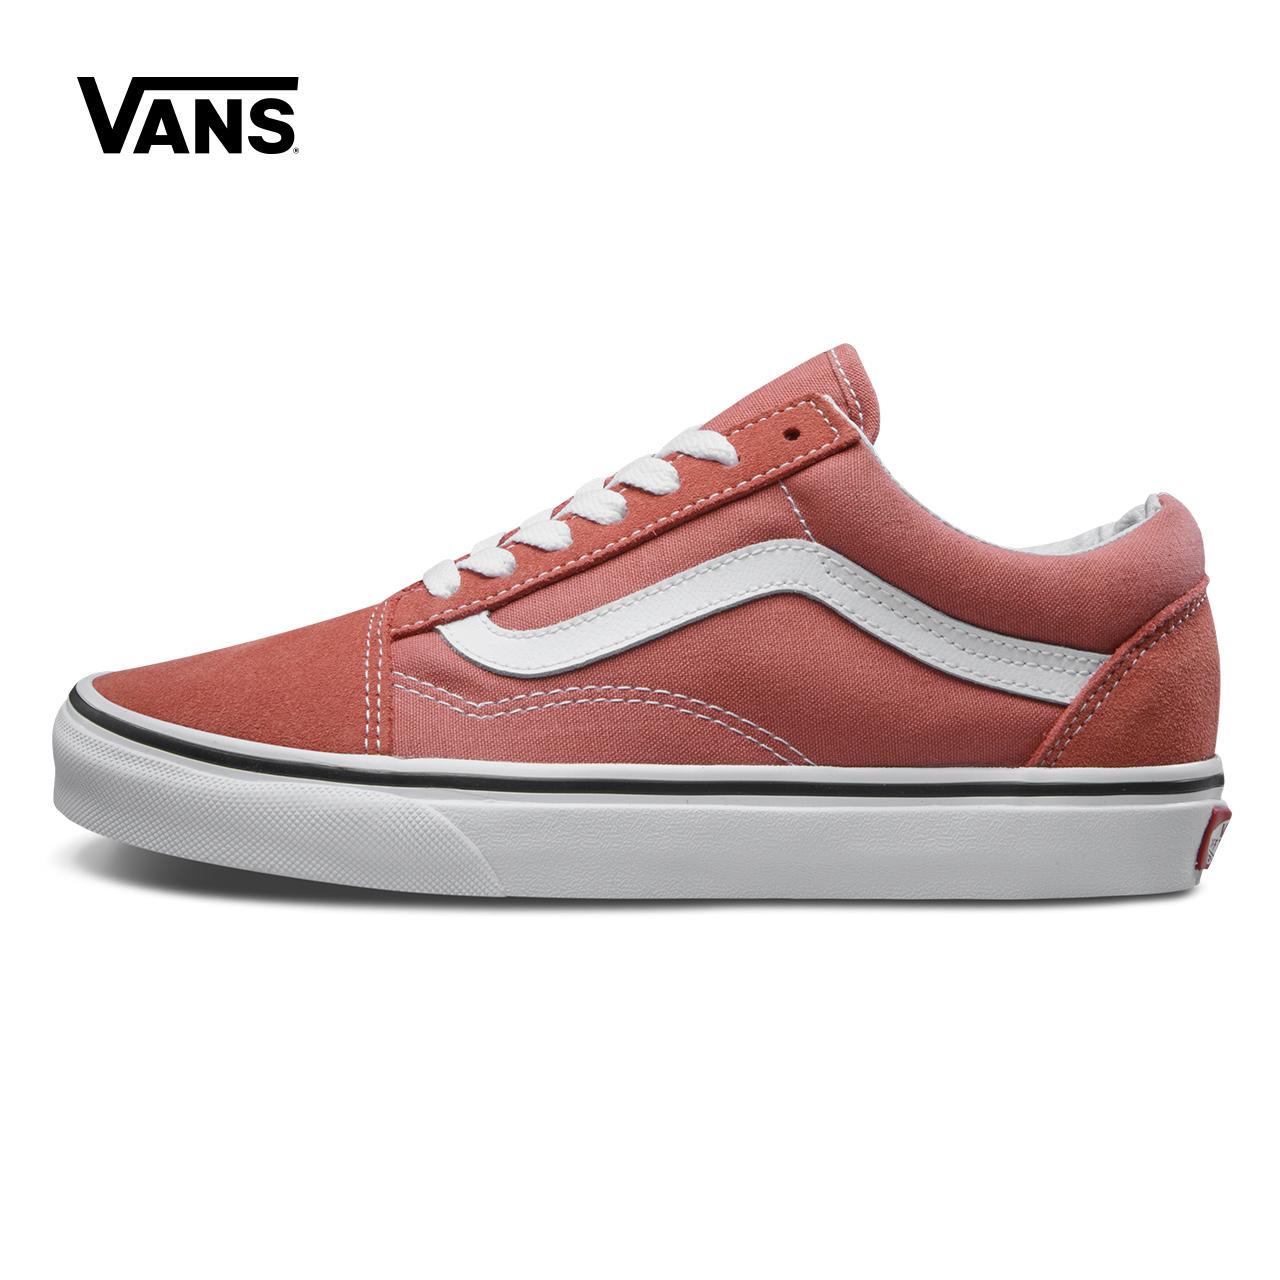 Vans 范斯官方女款OLD SKOOL板鞋 VN0A38G1QSR-QSQ